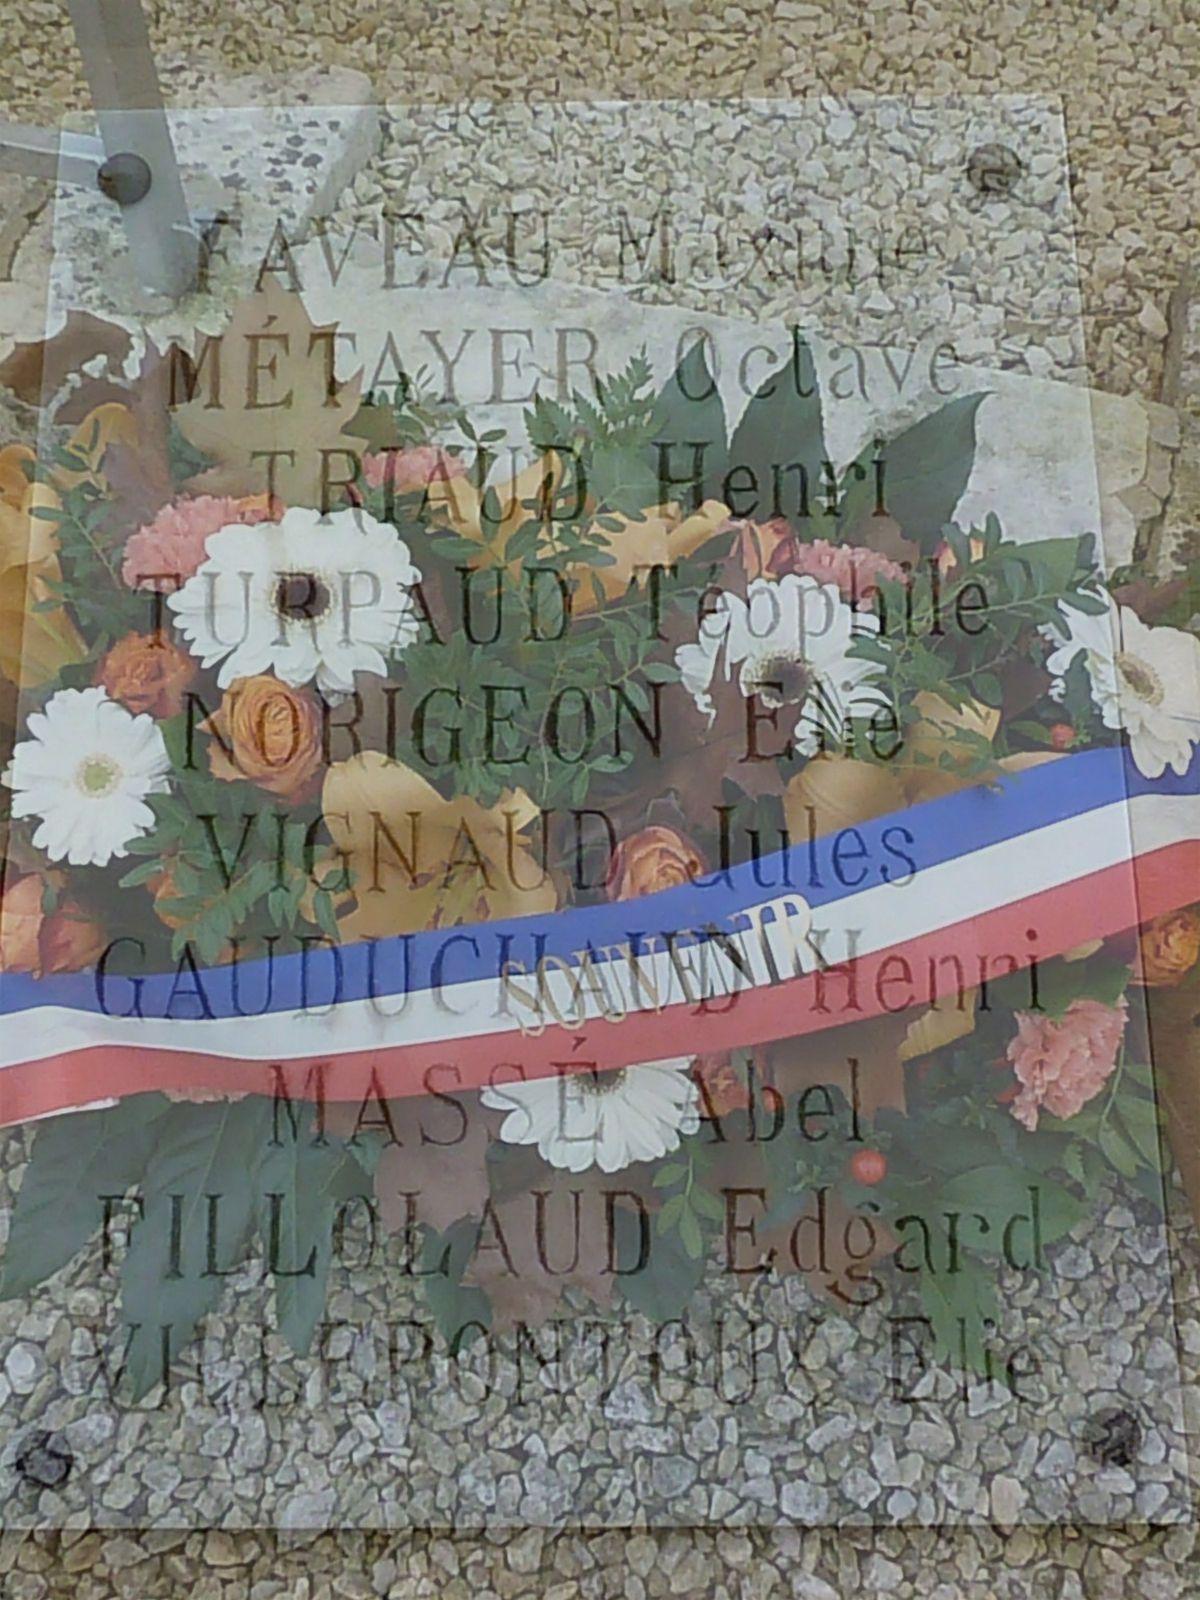 Ecurat petite commune rurale mentionne 10 noms d'hommes morts pour la France en 14/18.